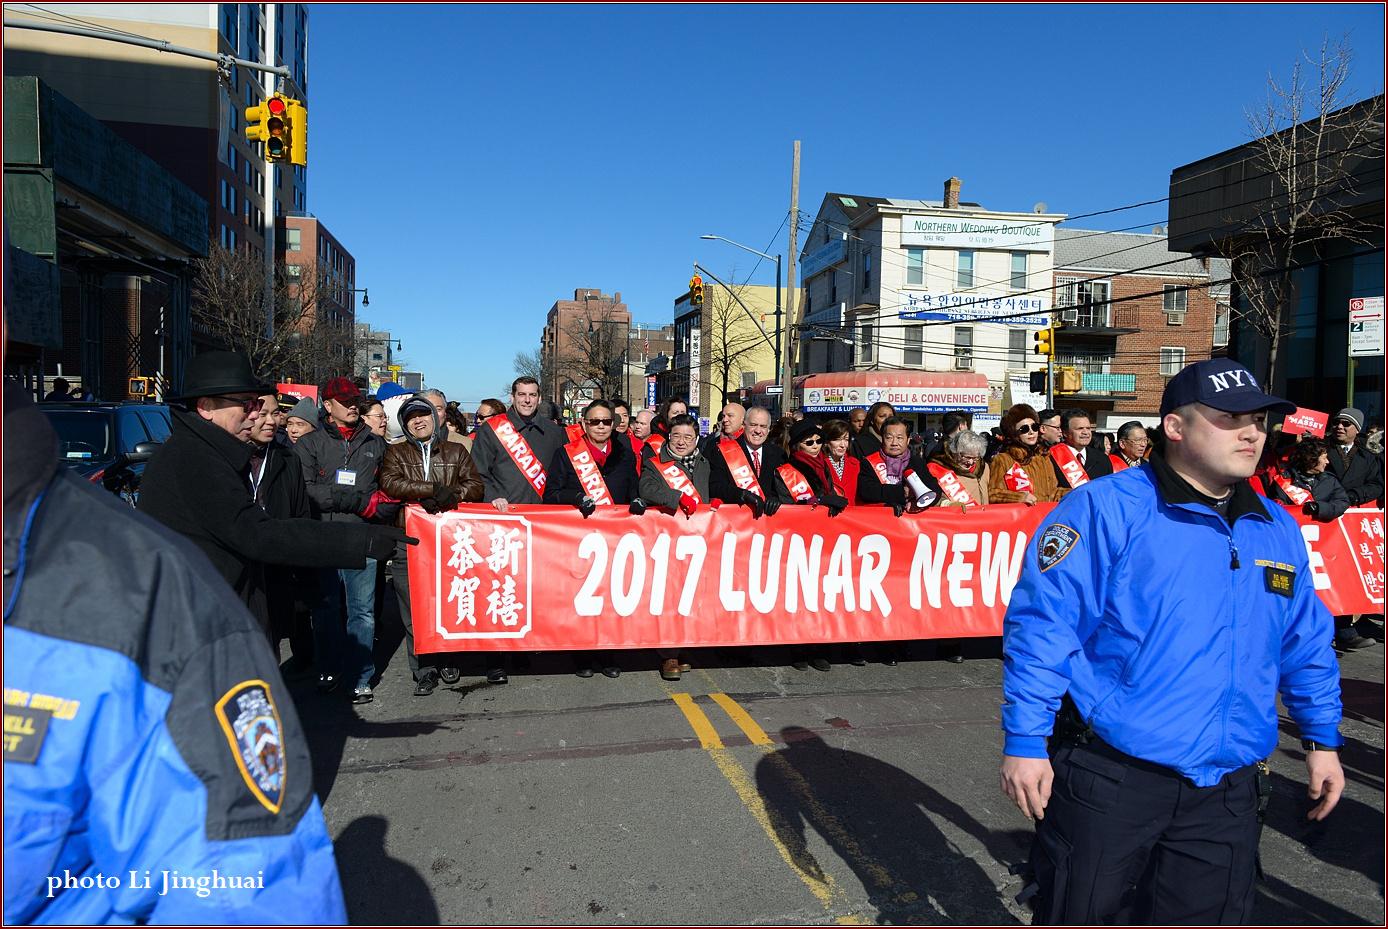 纽约法拉盛农历新年大游行_图1-3